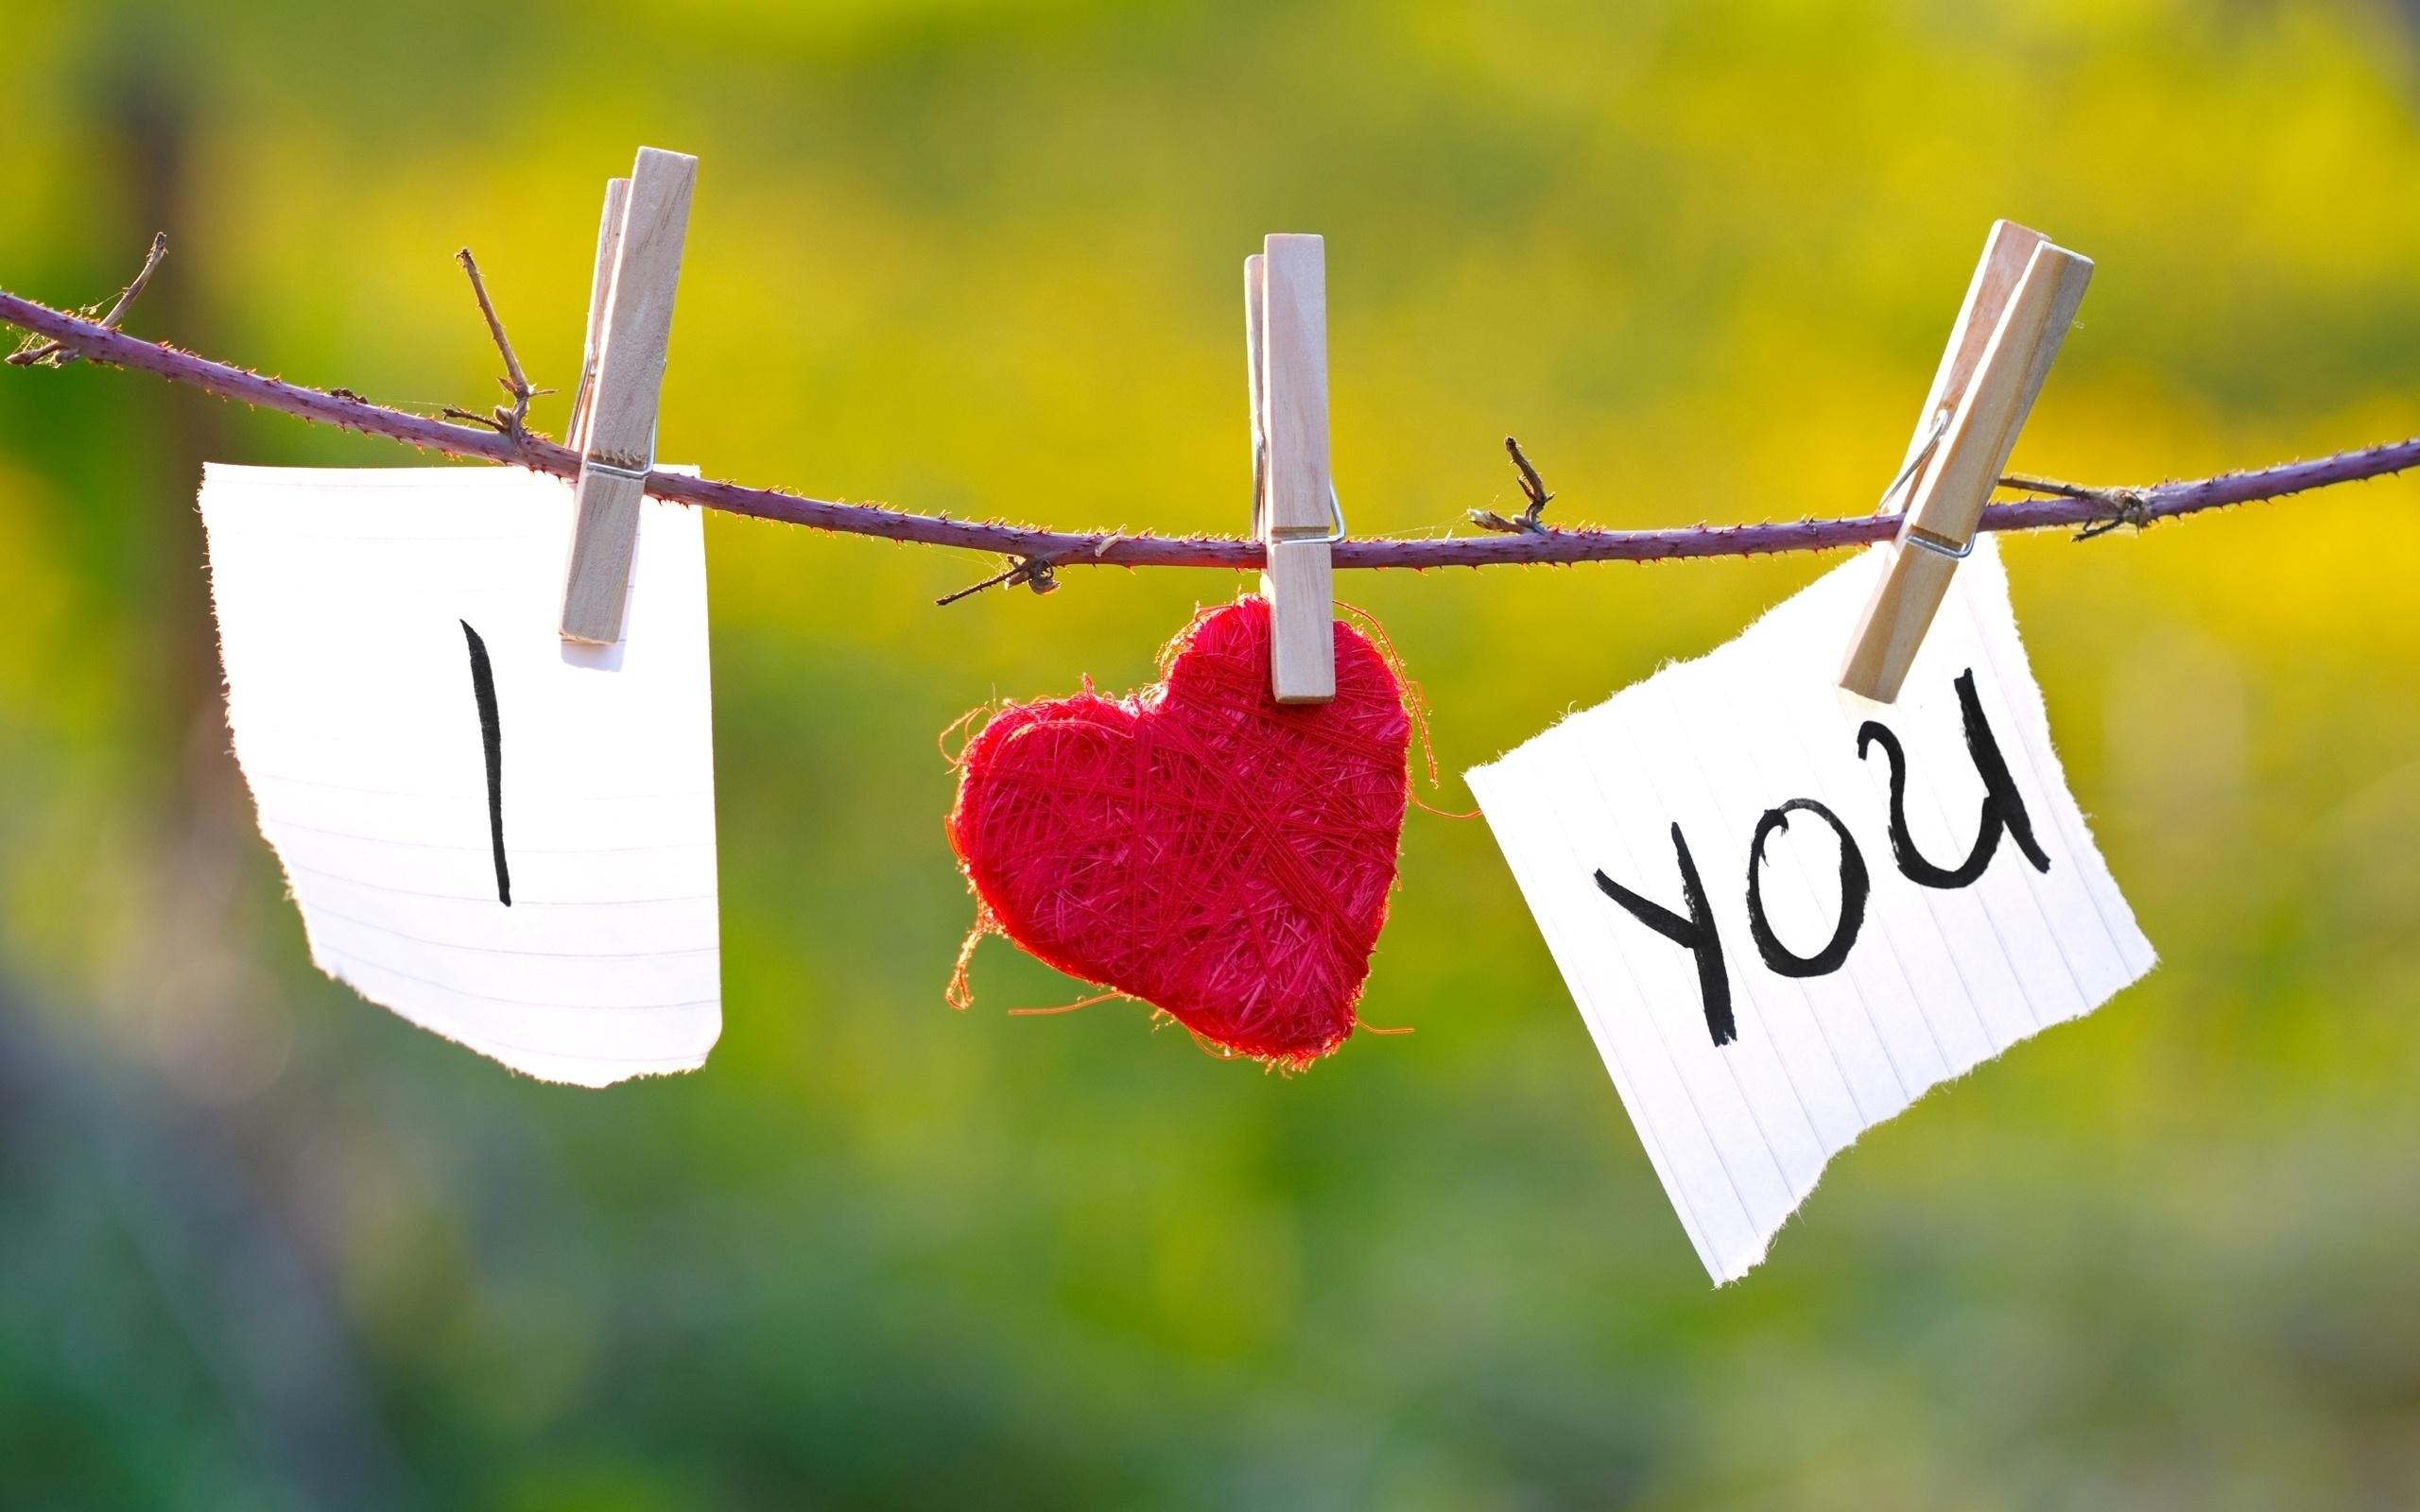 صورة كلمات للحبيب رومانسيه , اجمل كلمات الحب والرومانسية الجاذبة للحبيب